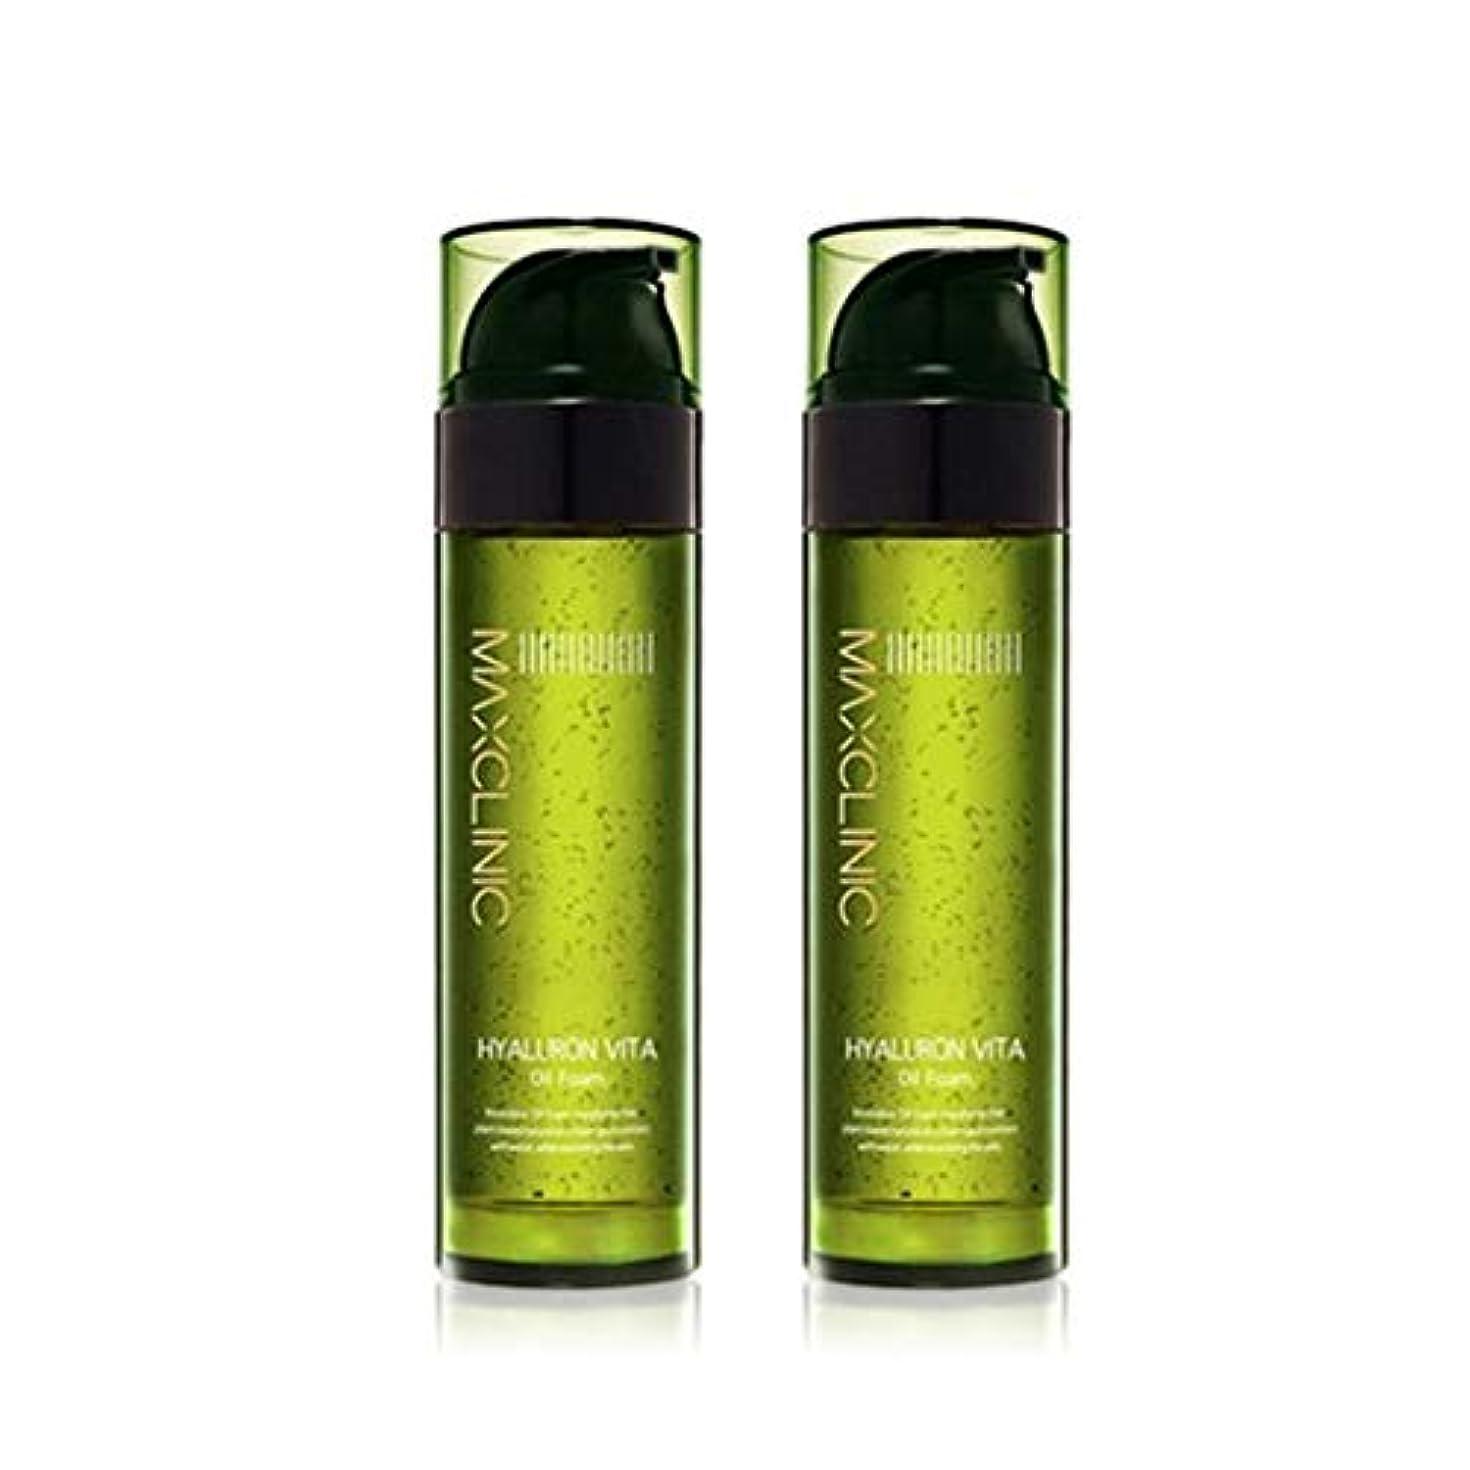 政治口想定マックスクリニックヒアルロンヴィータオイルフォーム110gx2本セット韓国コスメ、Maxclinic Hyaluronic Acid Vita Oil Foam 110g x 2ea Set Korean Cosmetics...